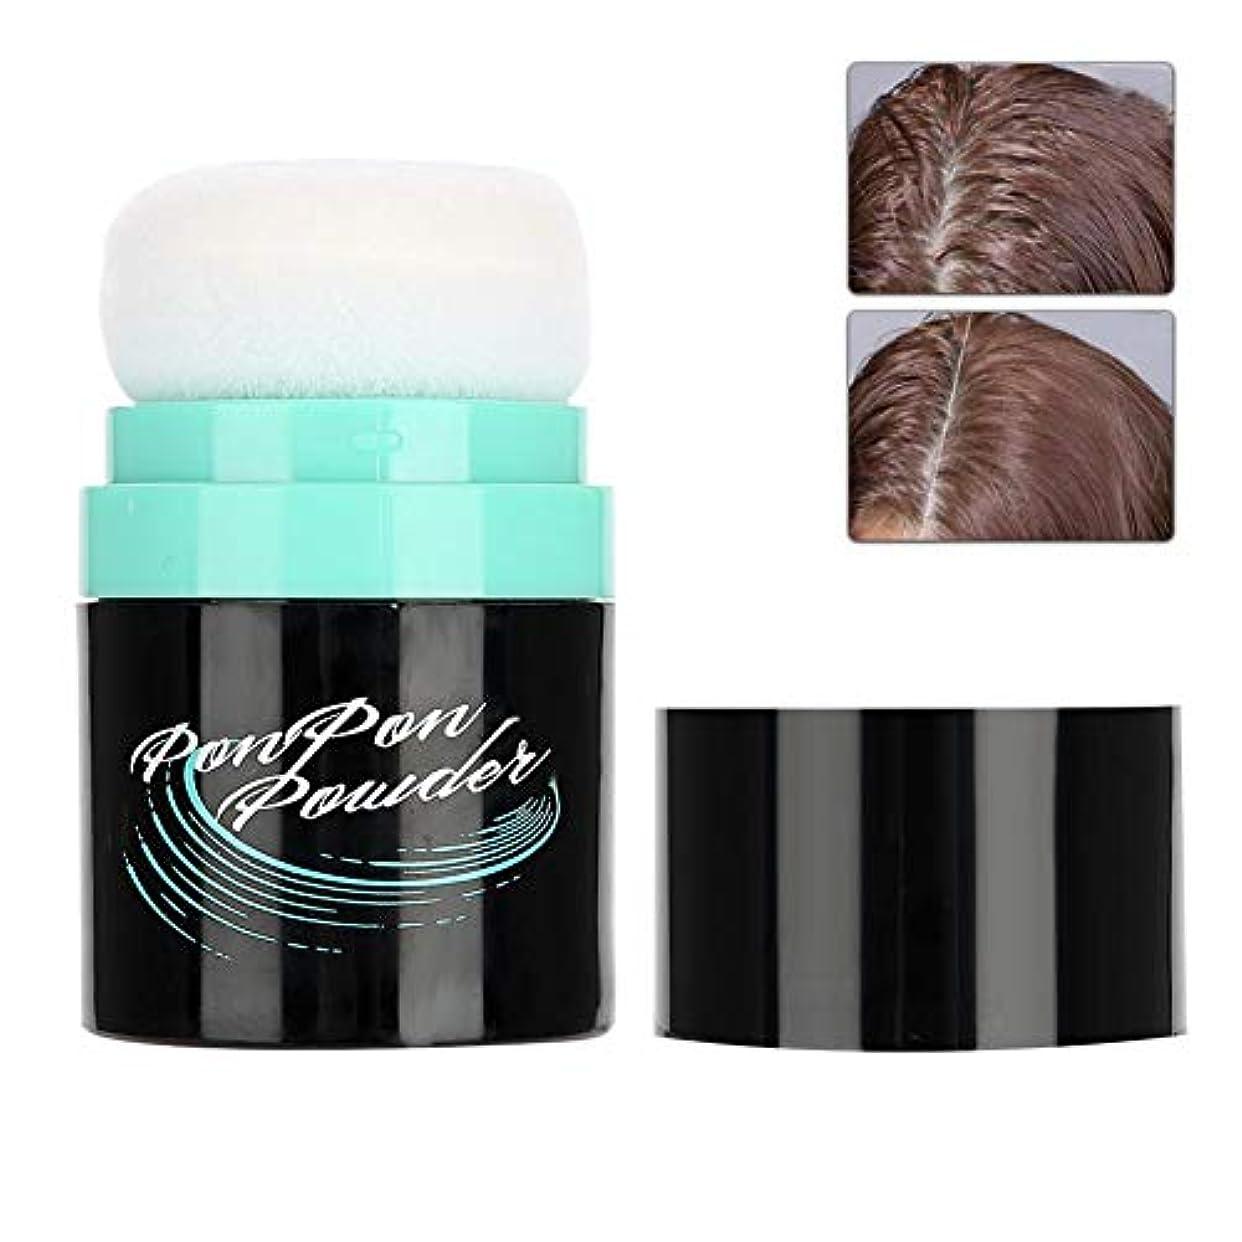 乳製品にんじんスマイルSemme髪ふわふわパウダー、ポータブルユニセックス増加スタイリングボリューム髪艶消しパウダーをモデリングキャプチャ